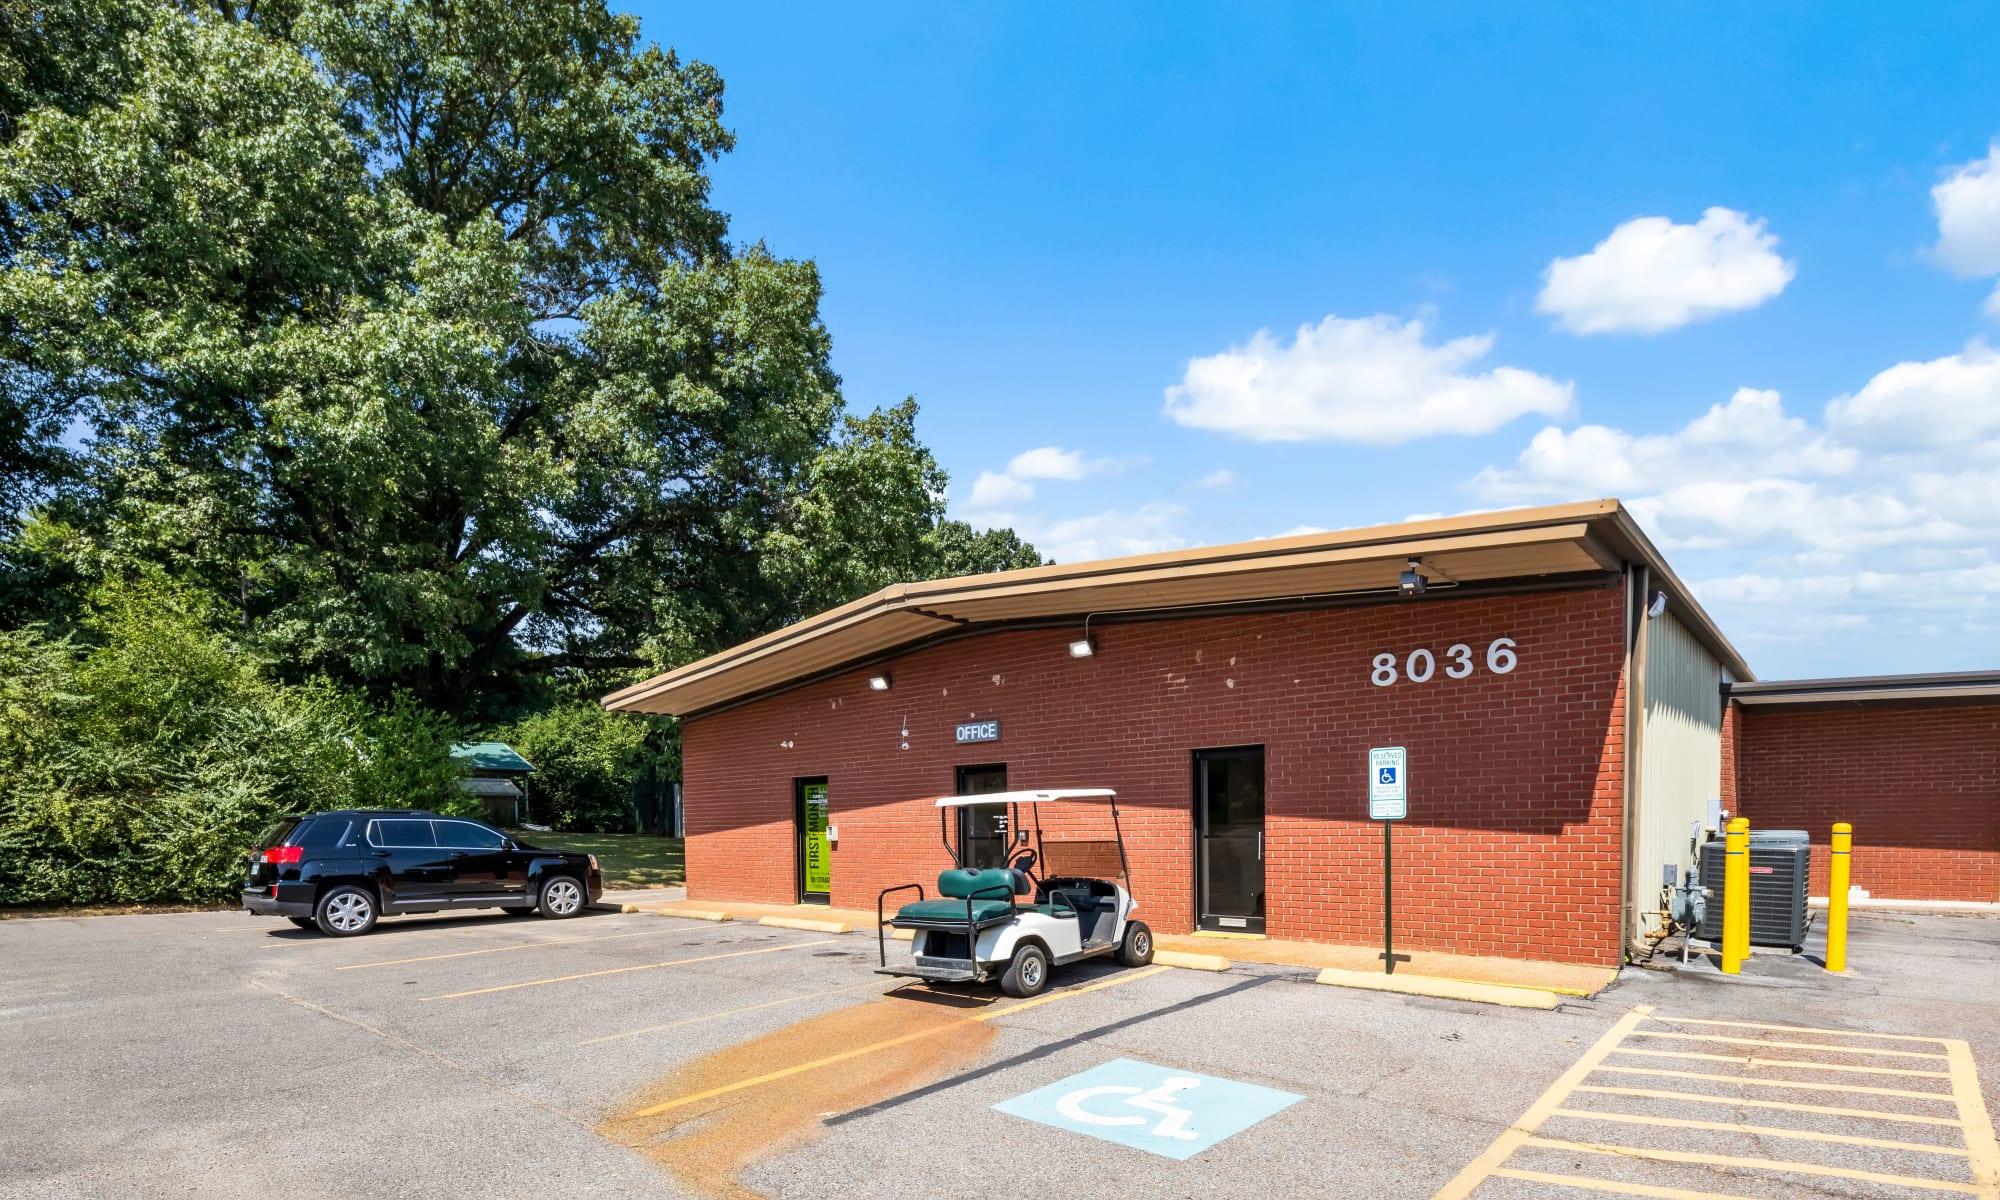 Citizen Storage in Bartlett, Tennessee